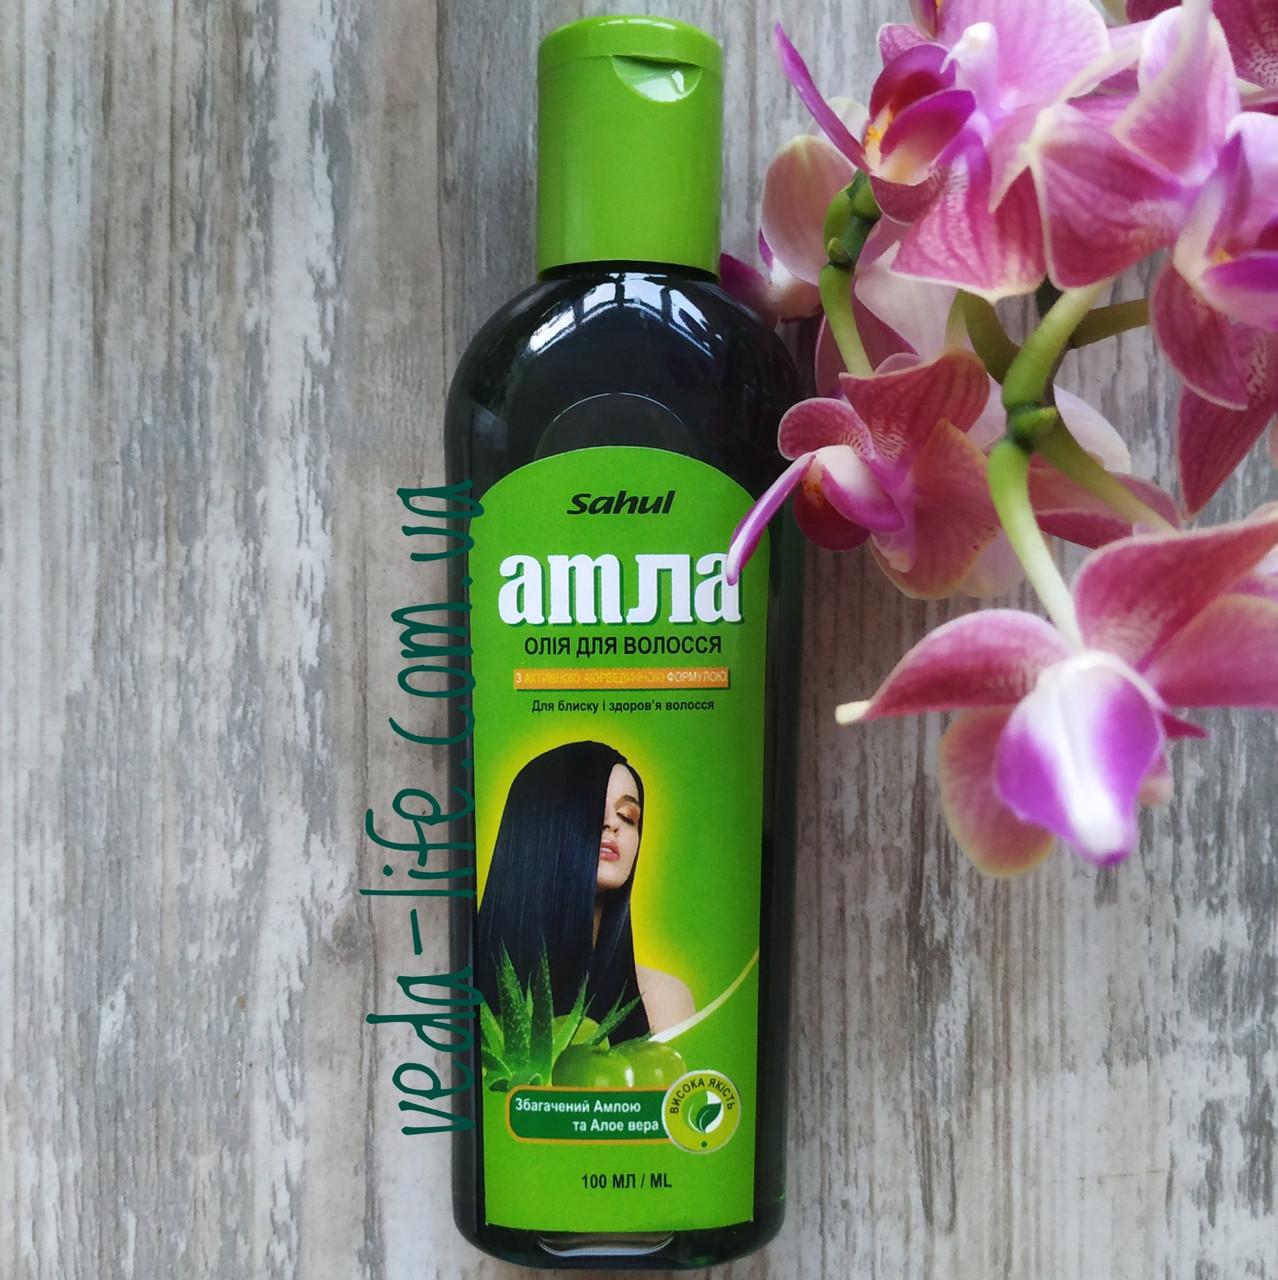 Масло Амлы, обогащенное травами (без минеральных масел), 100 мл - для роста и укрепления волос